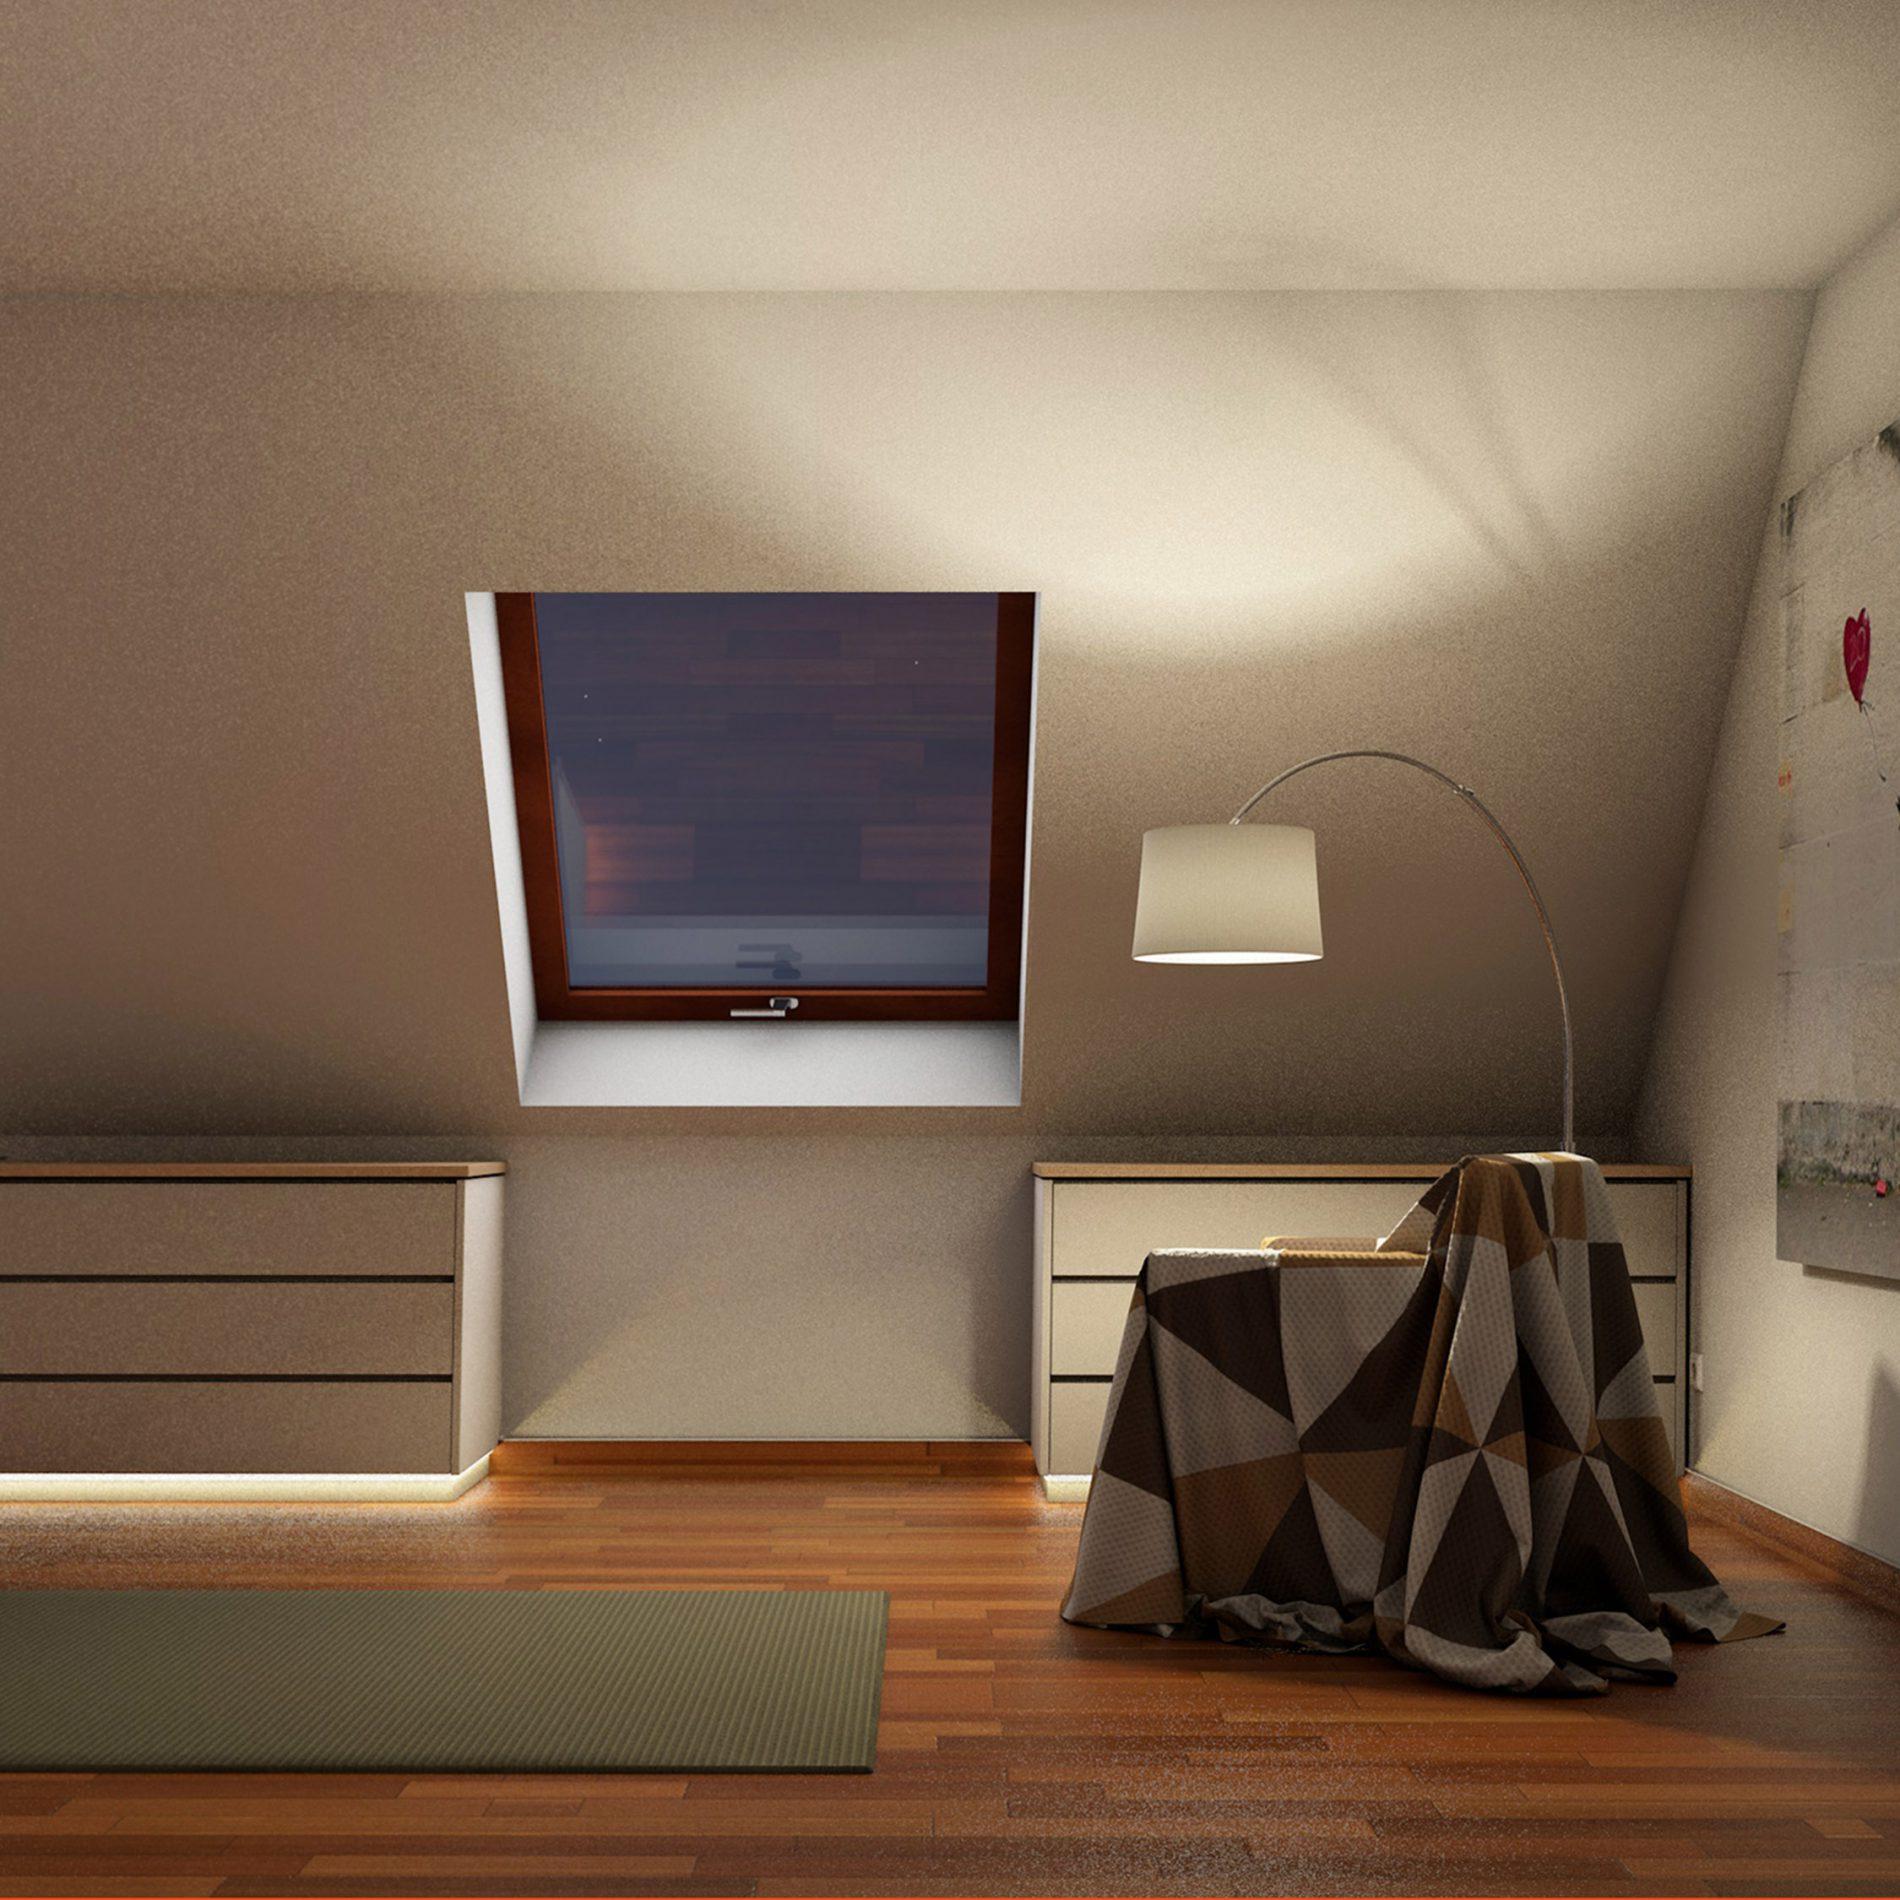 mehrteiliger Drempelschrank für Dachschrägenbereiche im Obergeschoss